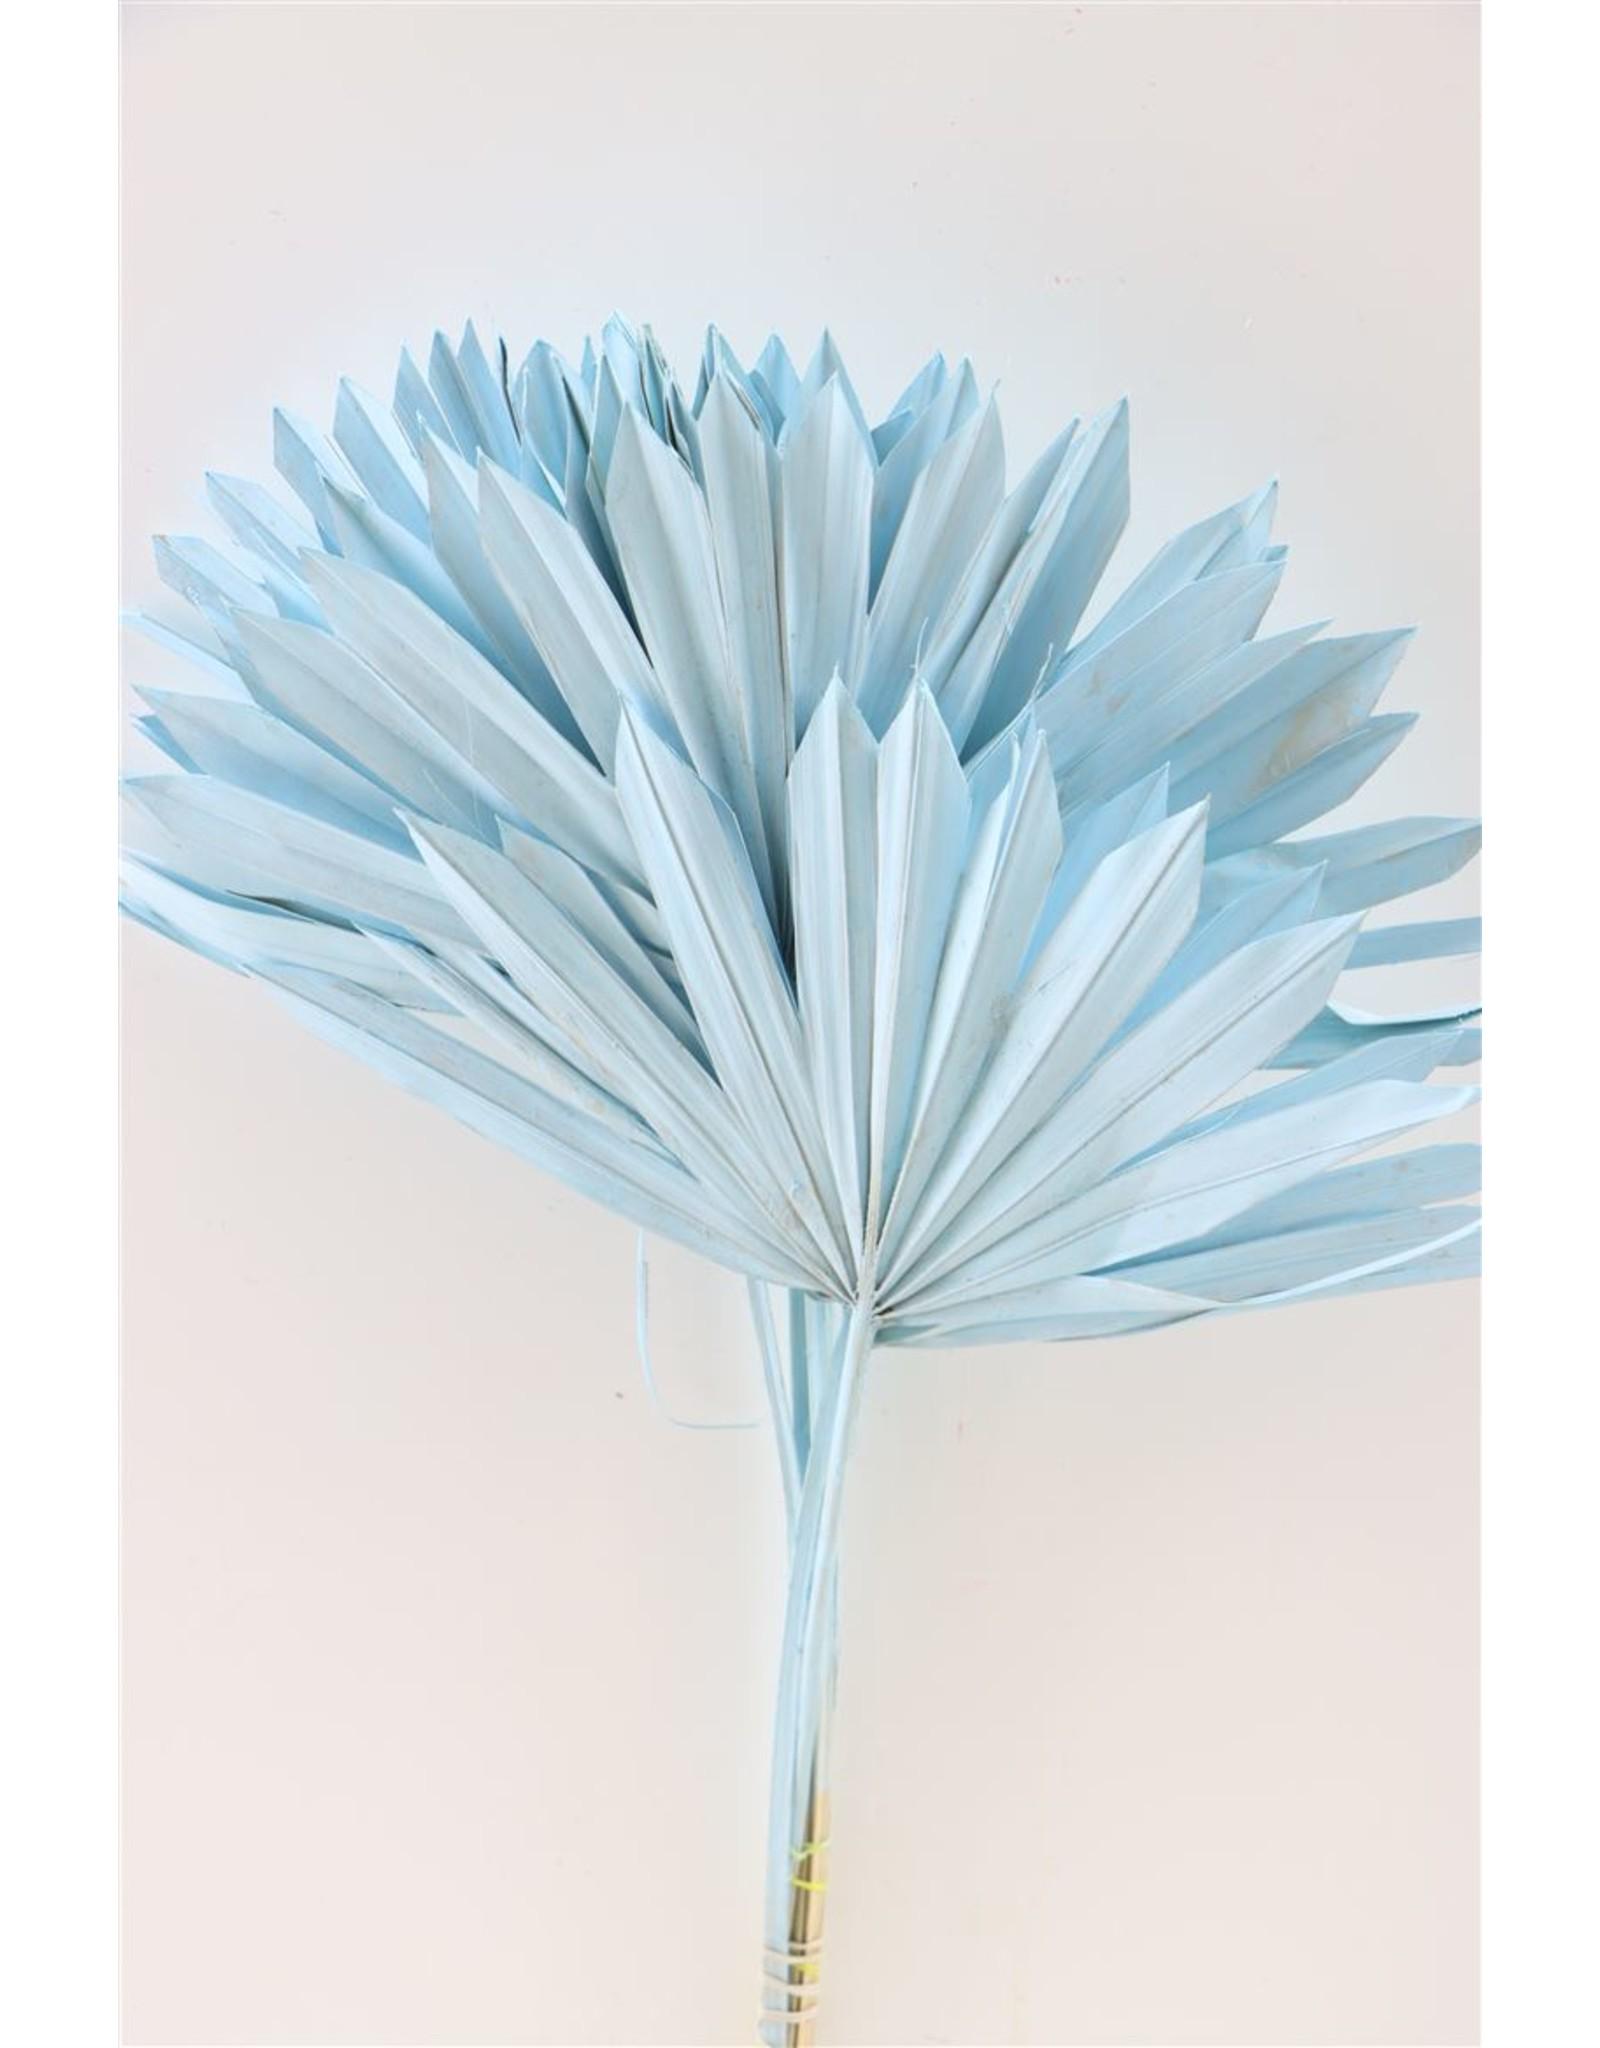 GF Dried Palm Sun 6pc Light Blue Pbs x 3